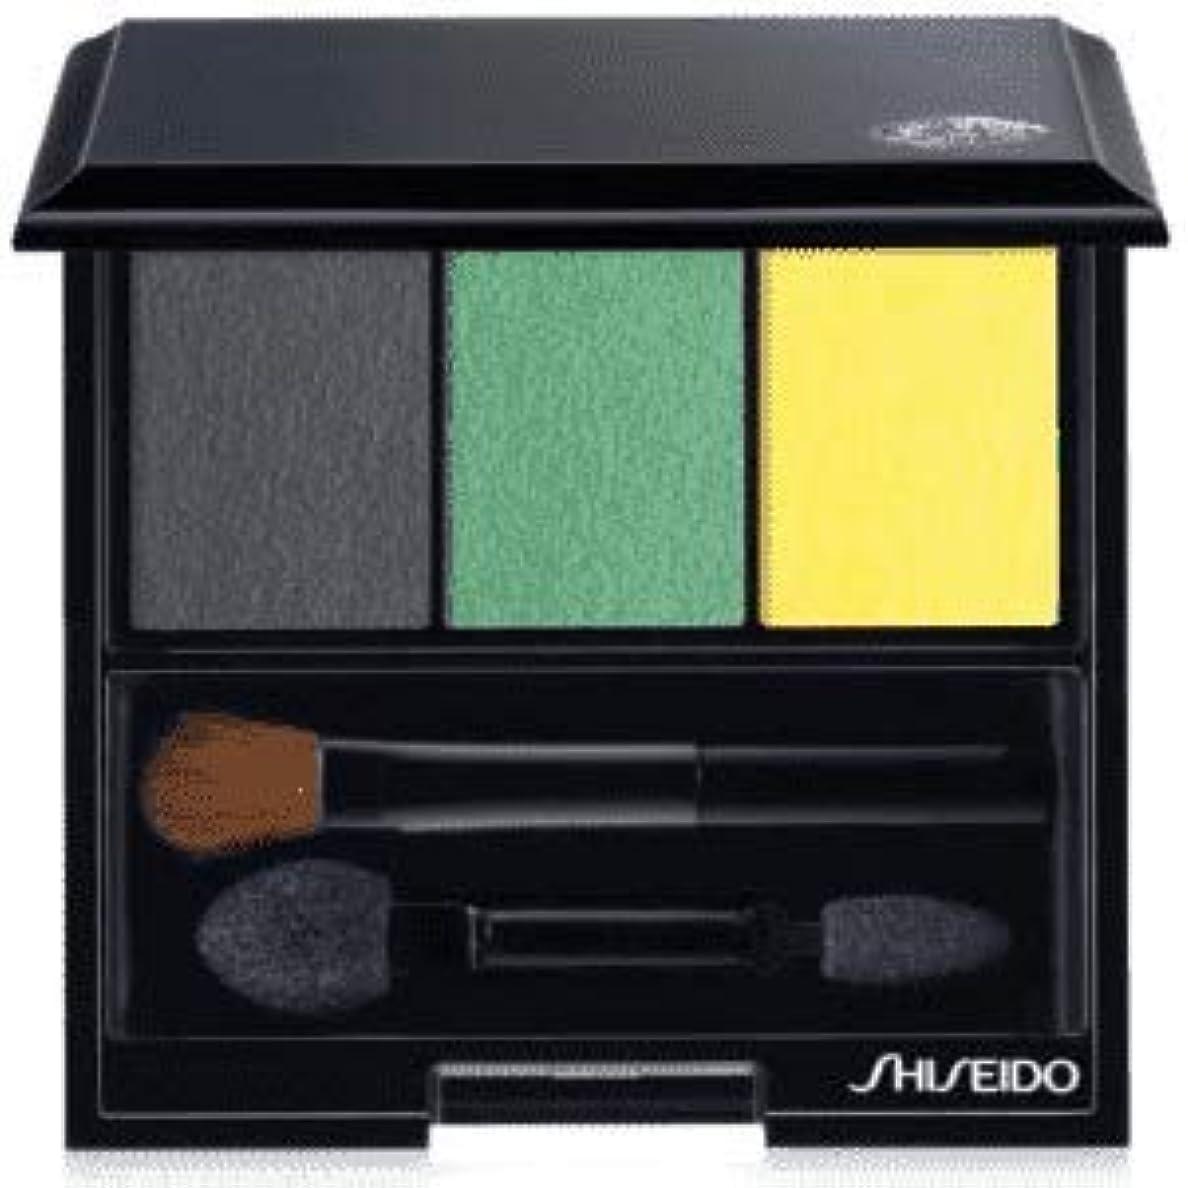 ラグだます体細胞資生堂 ルミナイジング サテン アイカラー トリオ GR716(Shiseido Luminizing Satin Eye Color Trio GR716) [並行輸入品]